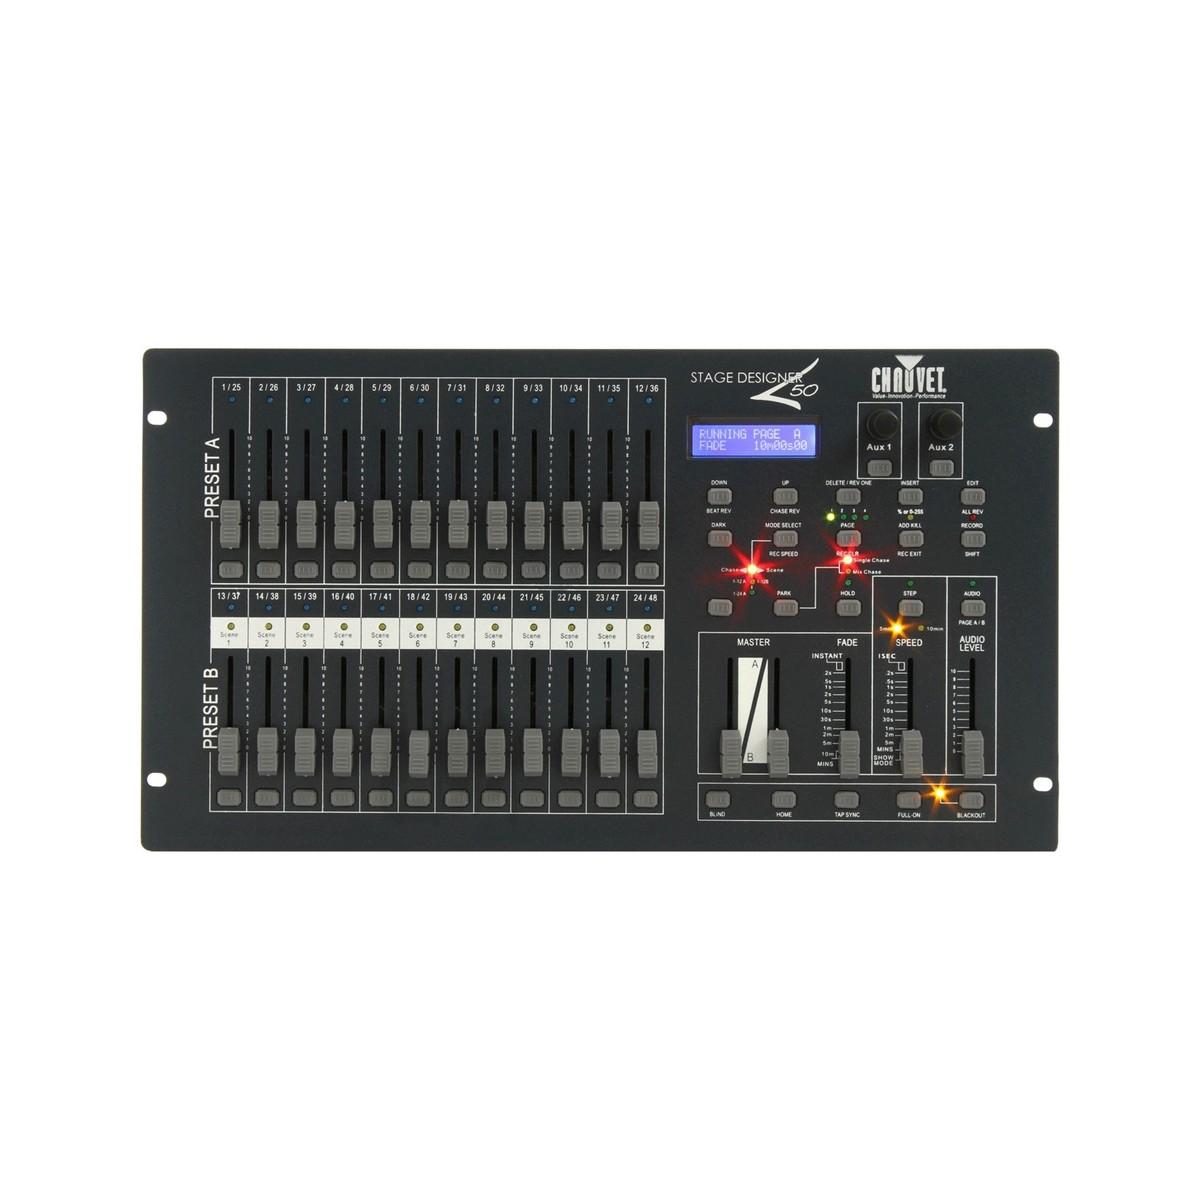 chauvet stage designer 50 lighting controller b stock at gear4music. Black Bedroom Furniture Sets. Home Design Ideas